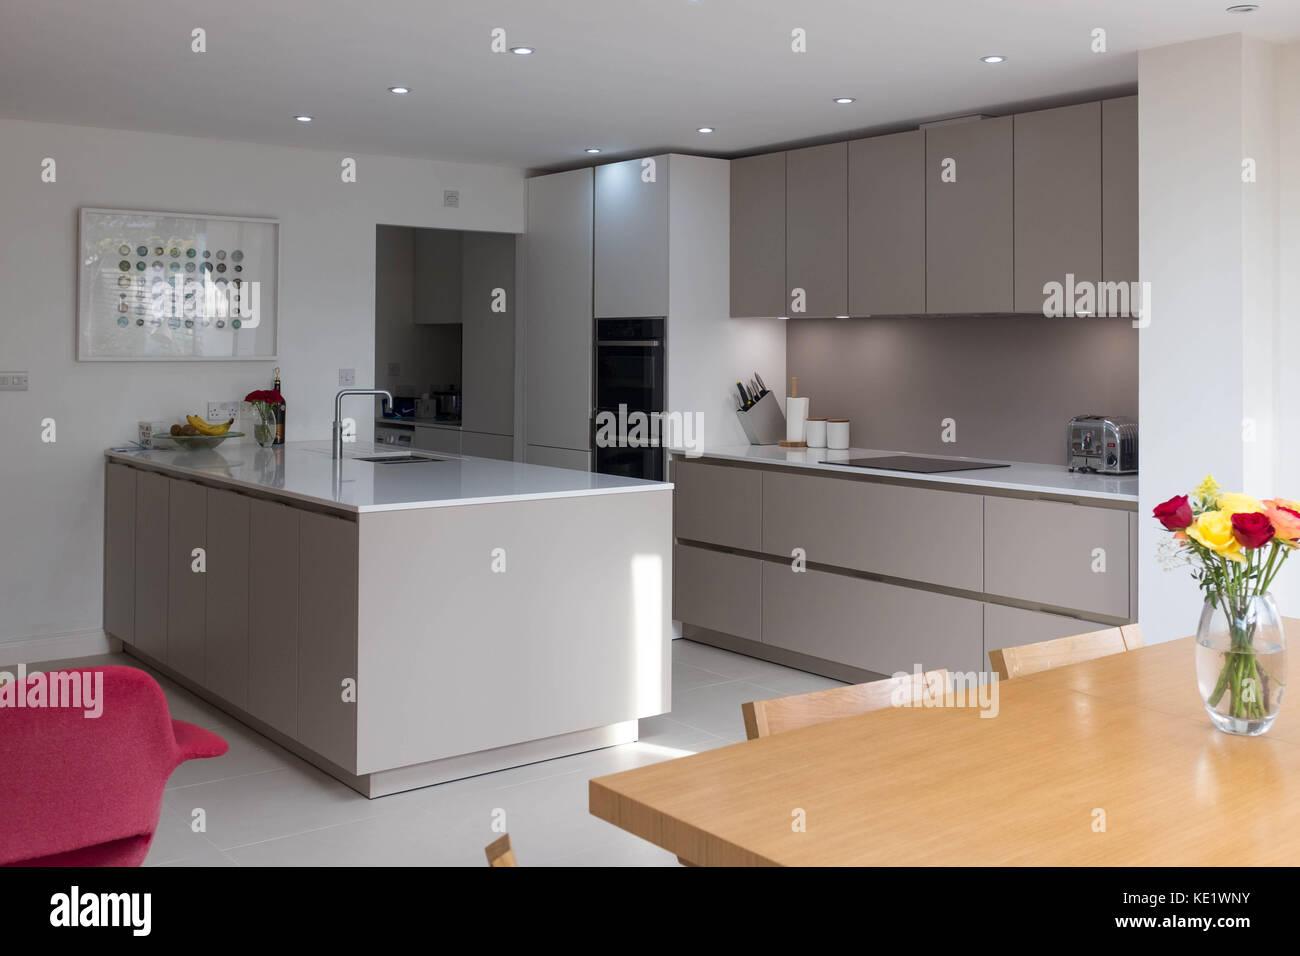 Moderne landhausküche siematic  Moderne Küche Innenraum Siematic Stockfoto, Bild: 163540663 - Alamy